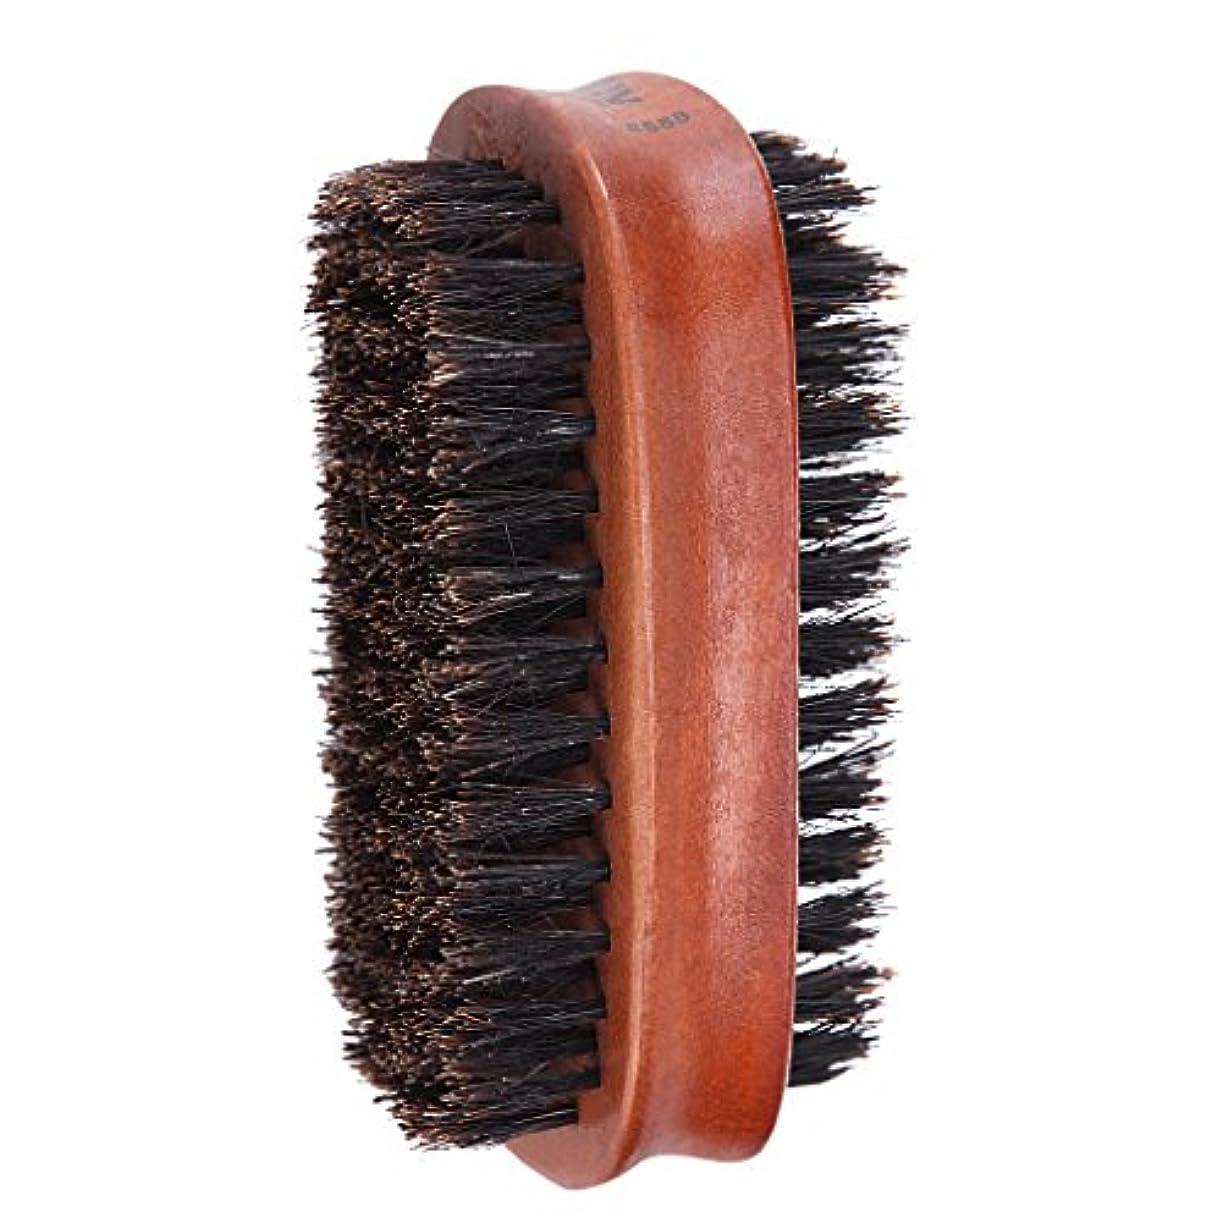 デマンド報いるホイストCUTICATE 男性髪髭口ひげグルーミングブラシハード両面コーム